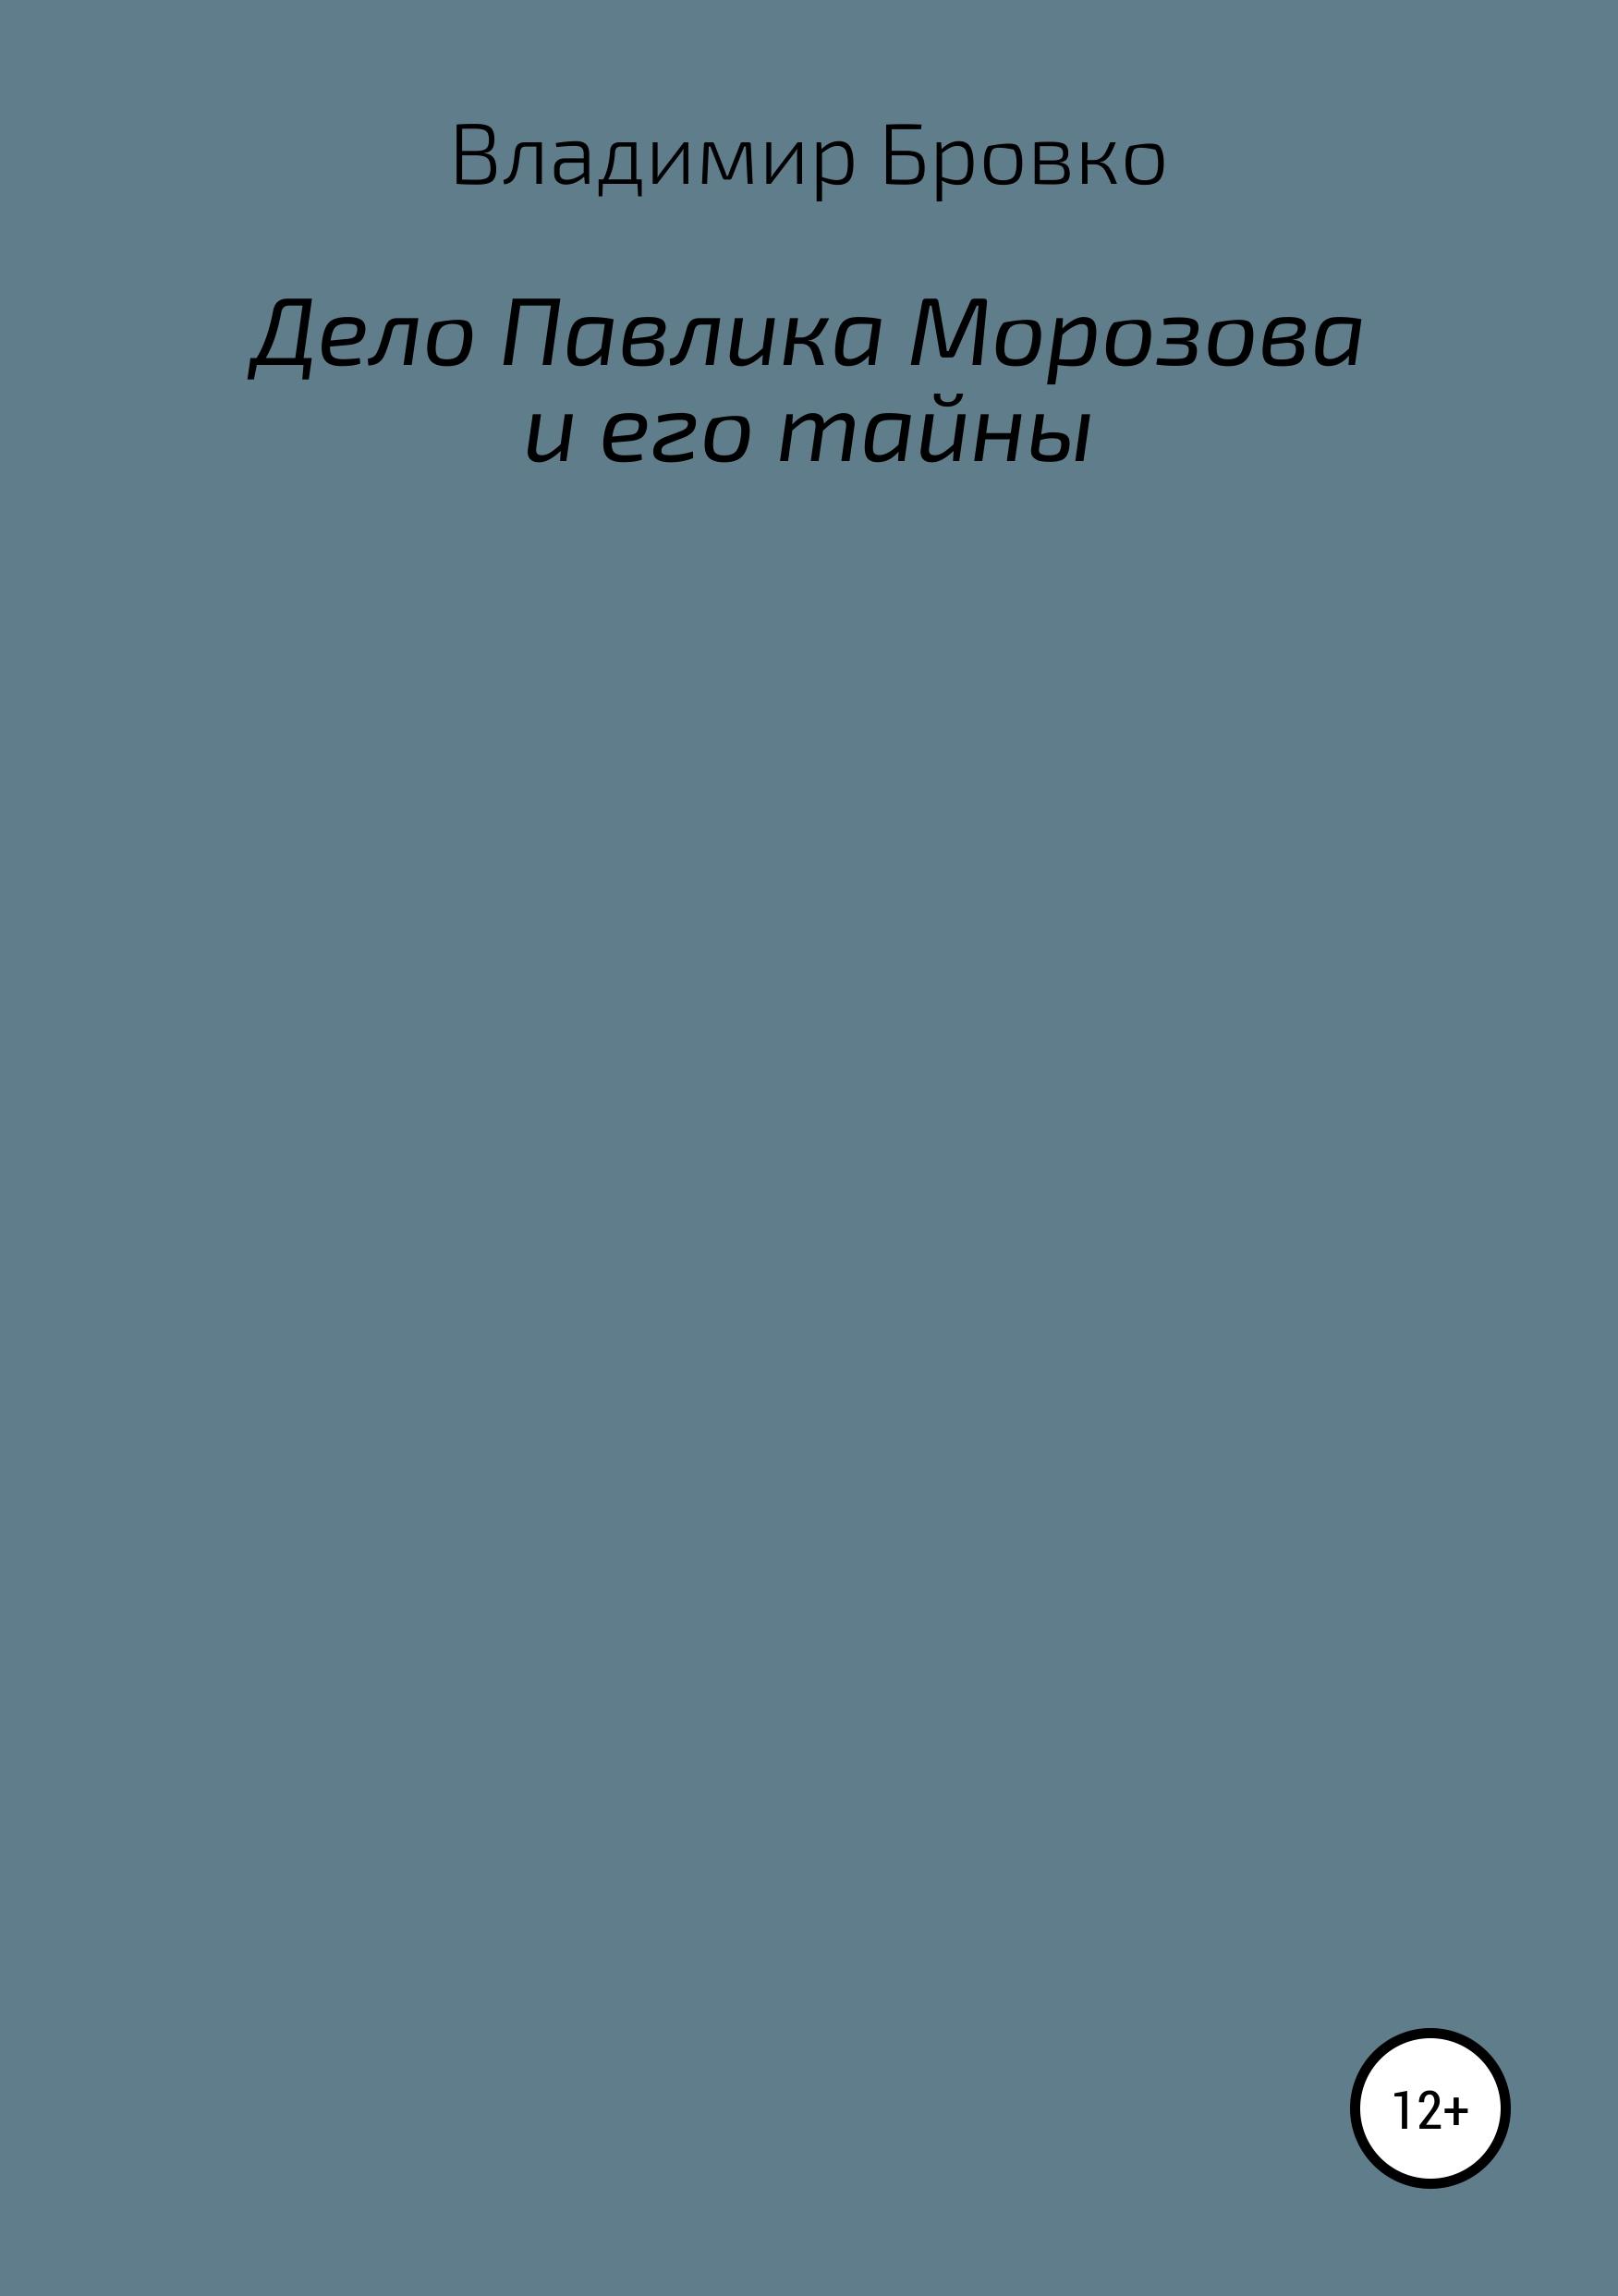 Дело Павлика Морозова и его тайны